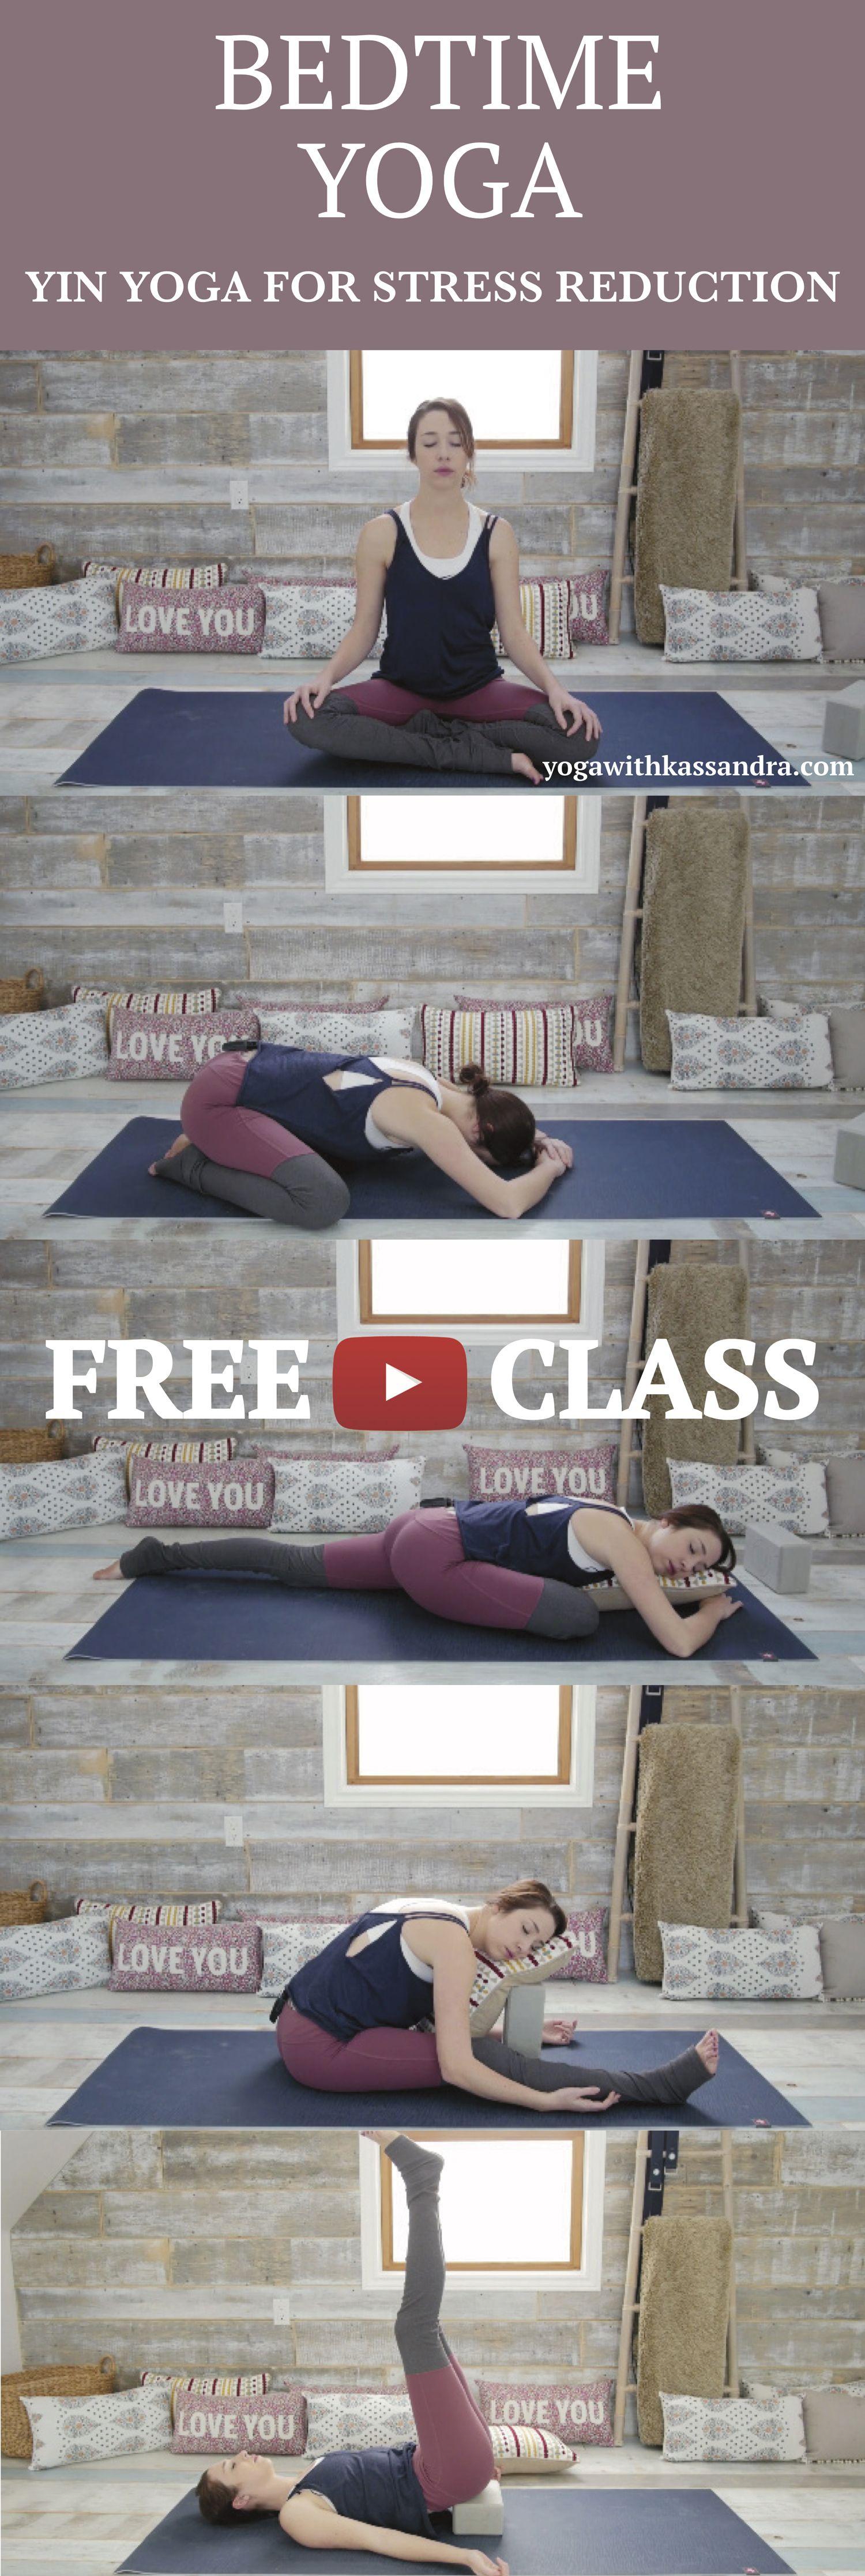 48+ Yin yoga for sleep ideas